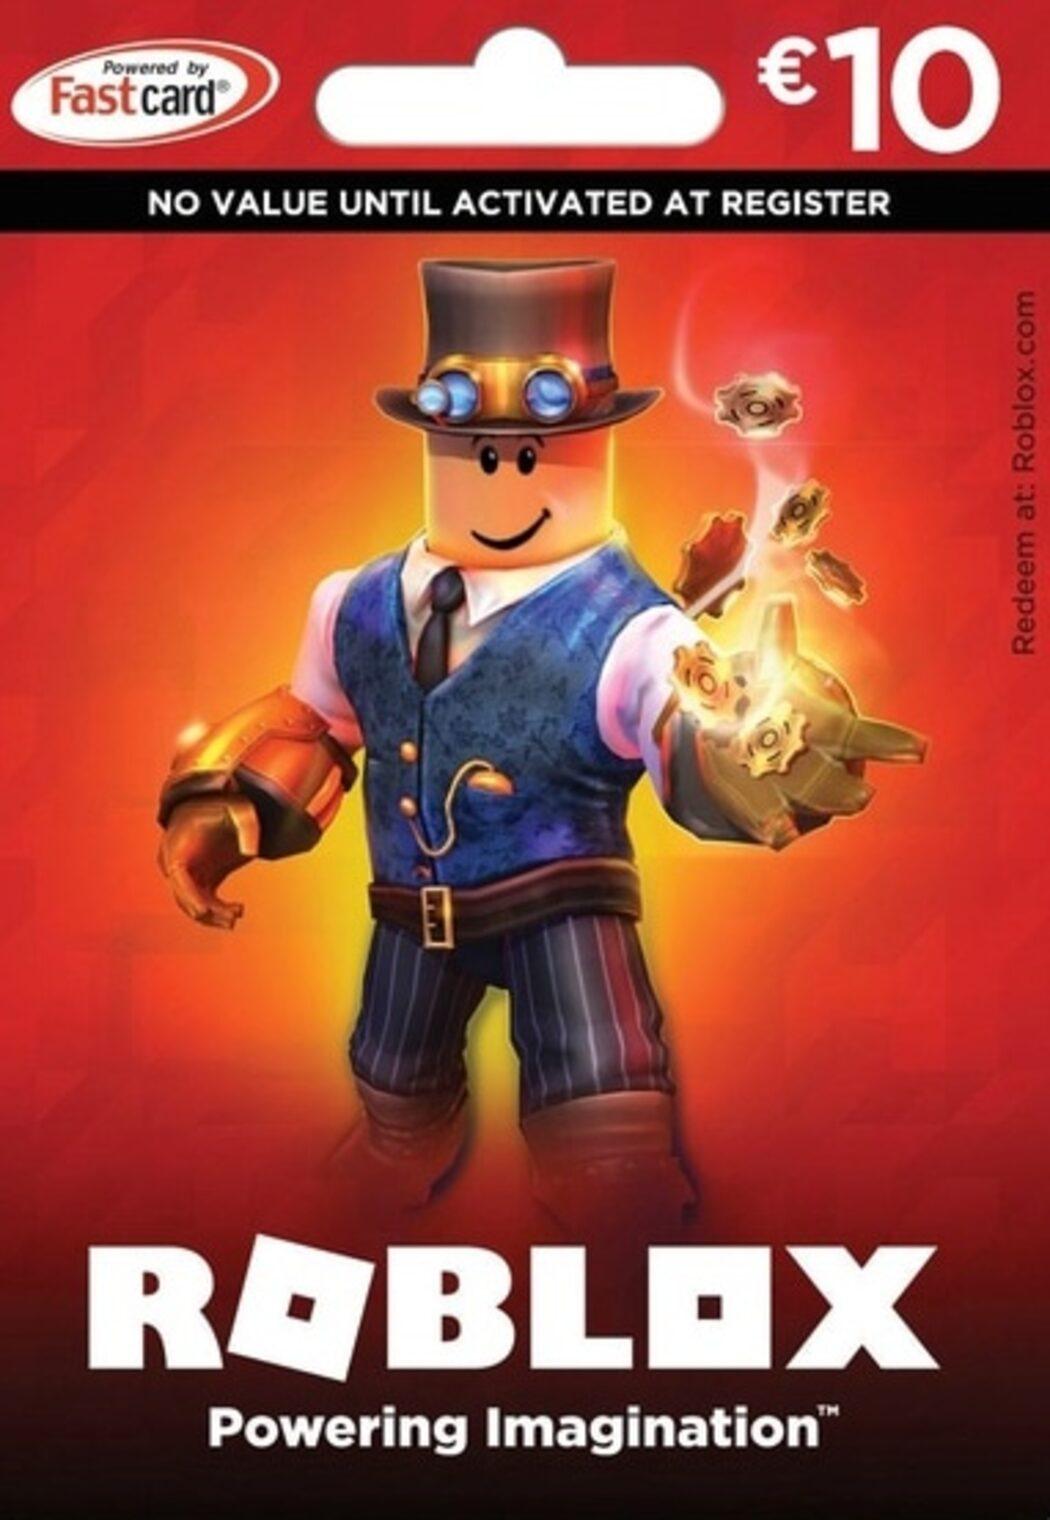 Roblox Robux Kaufen. Card 7 EUR günstigeren Preis! ENEBA